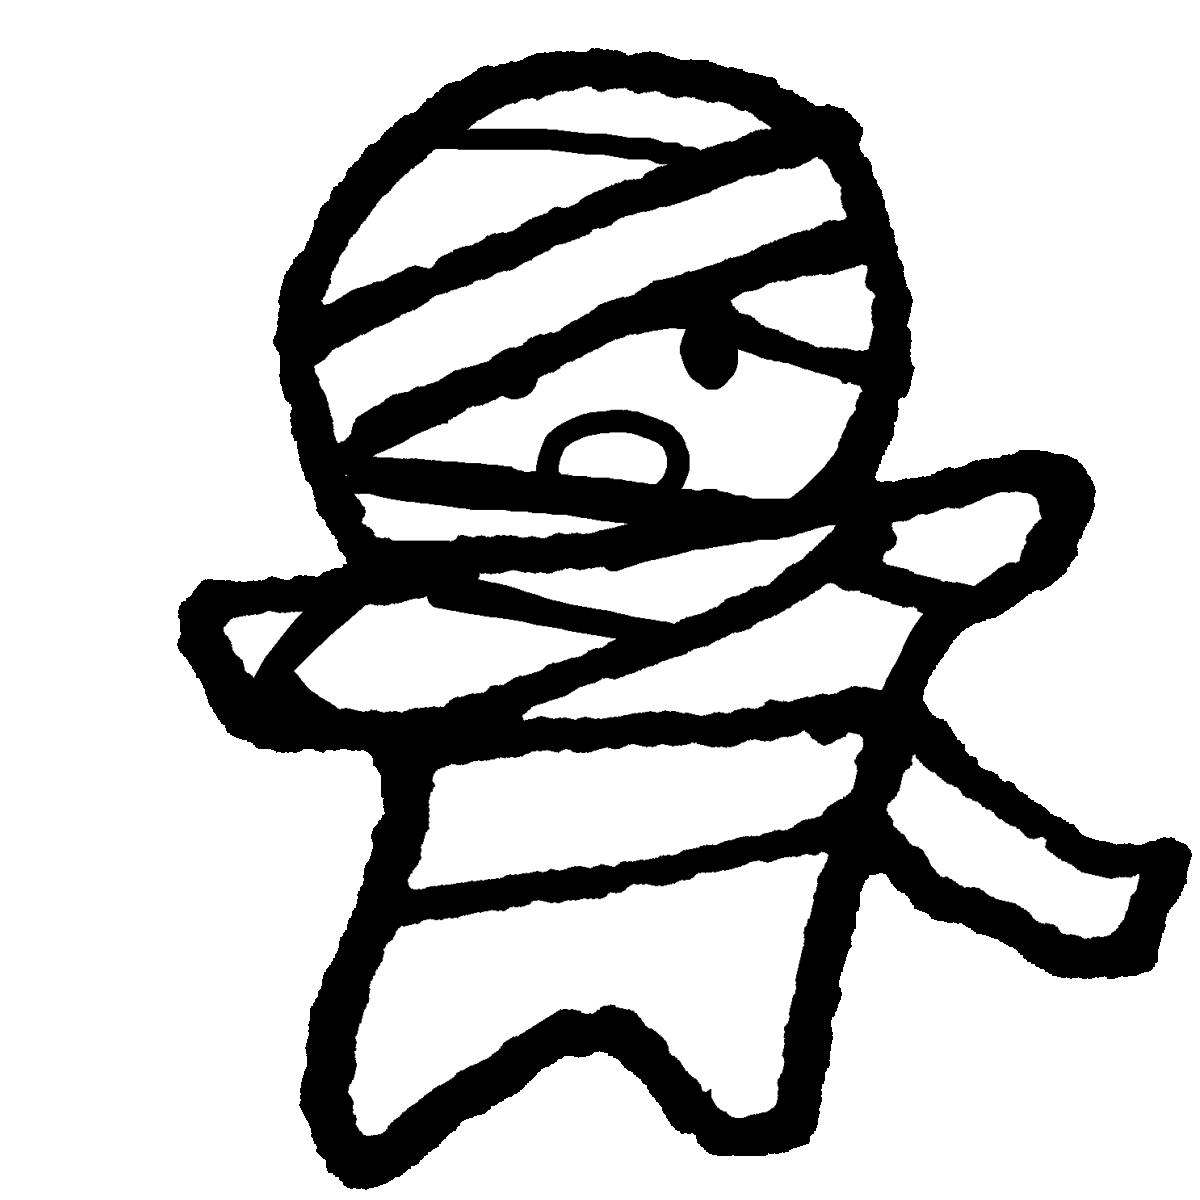 ミイラ男(顔2種)のイラスト / Mummy man Illustration